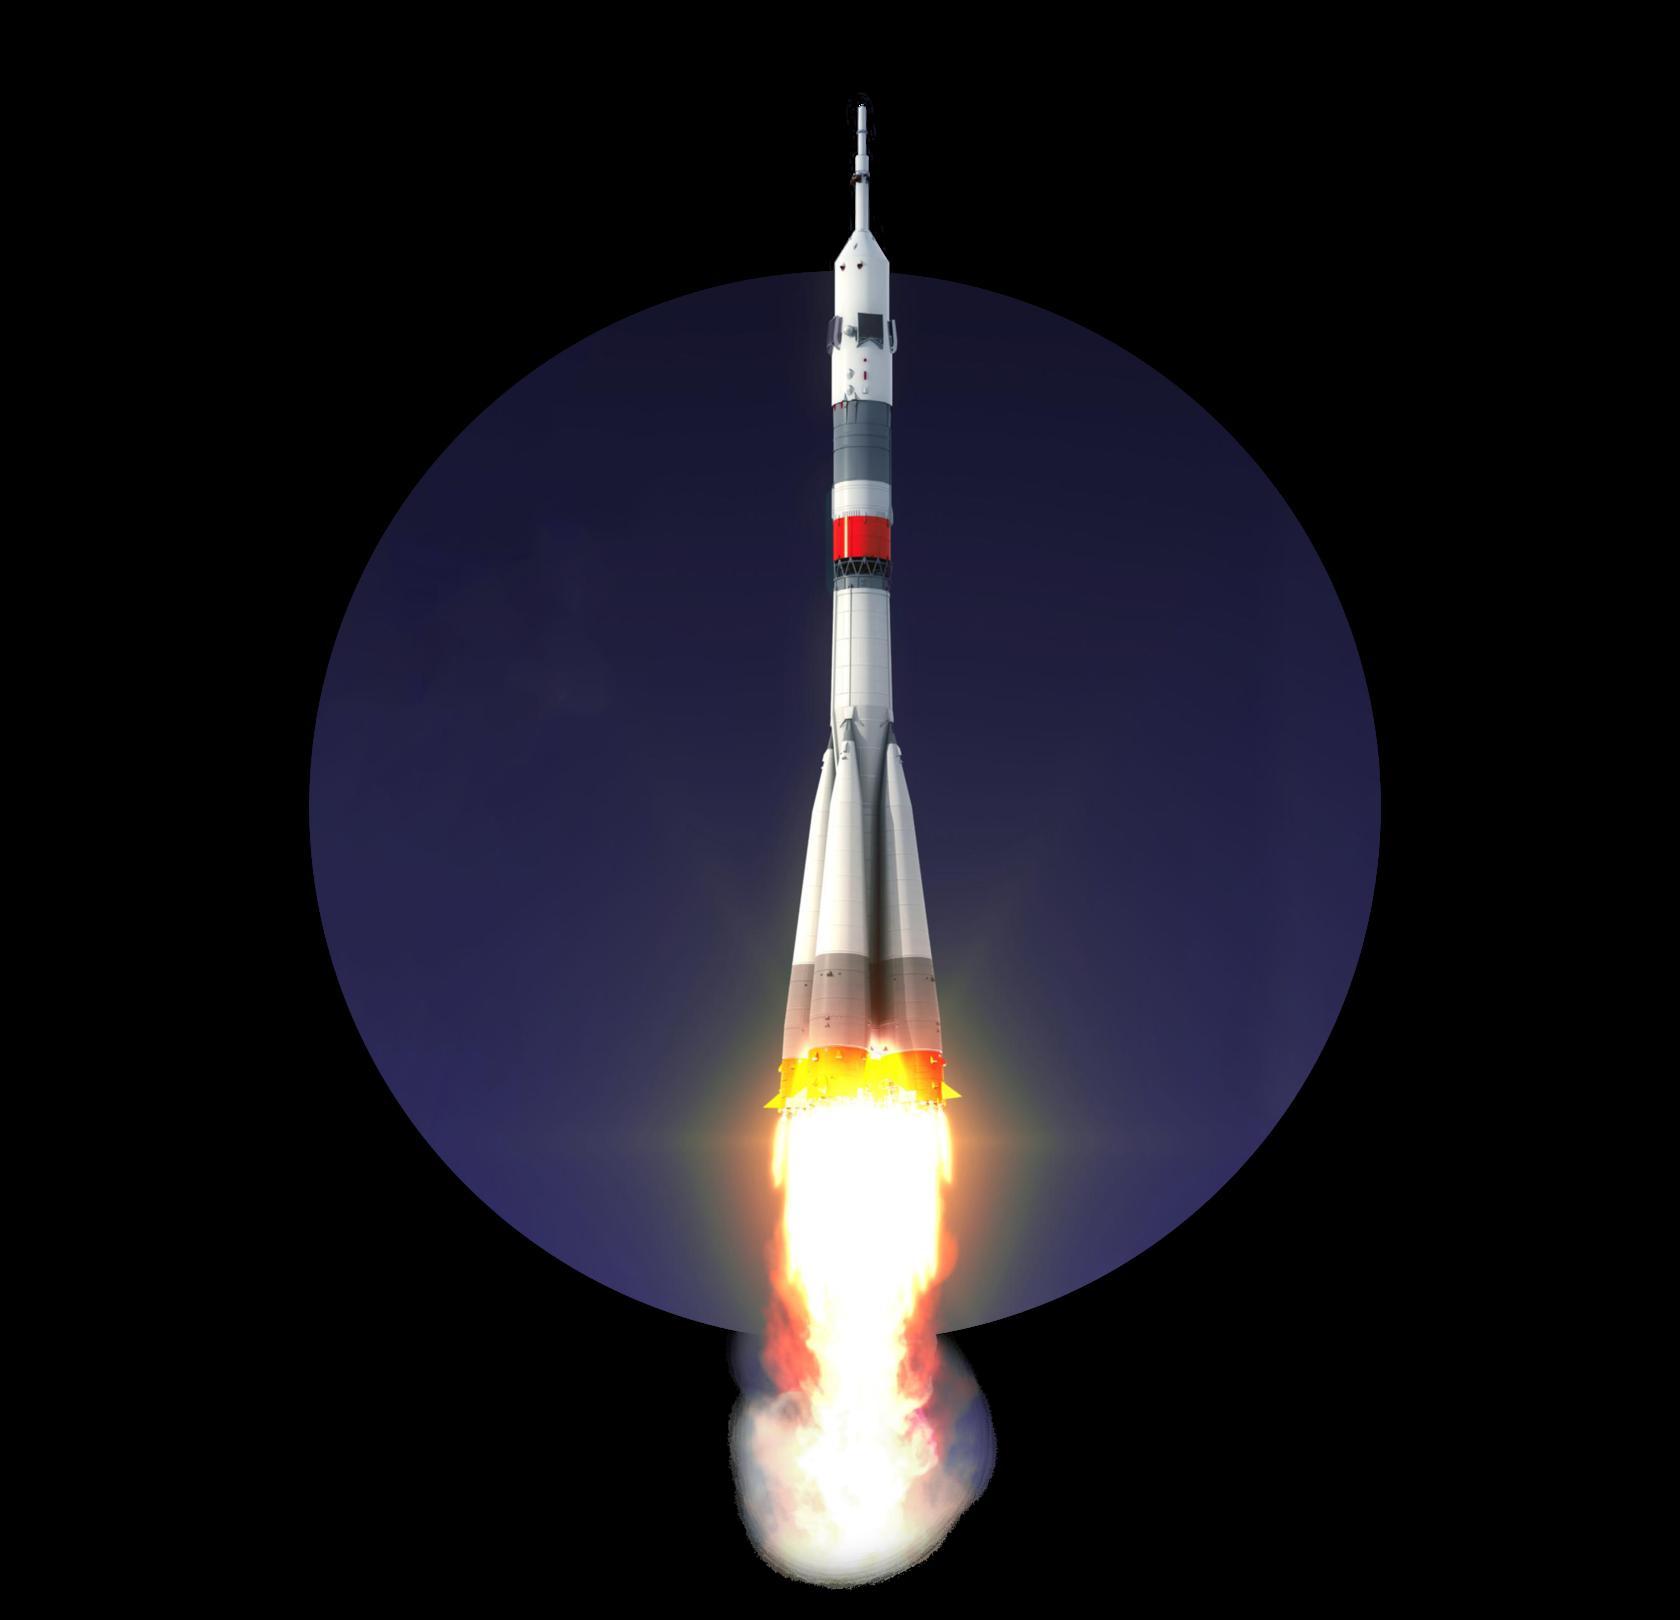 ракета россии фото рисунок любом случае